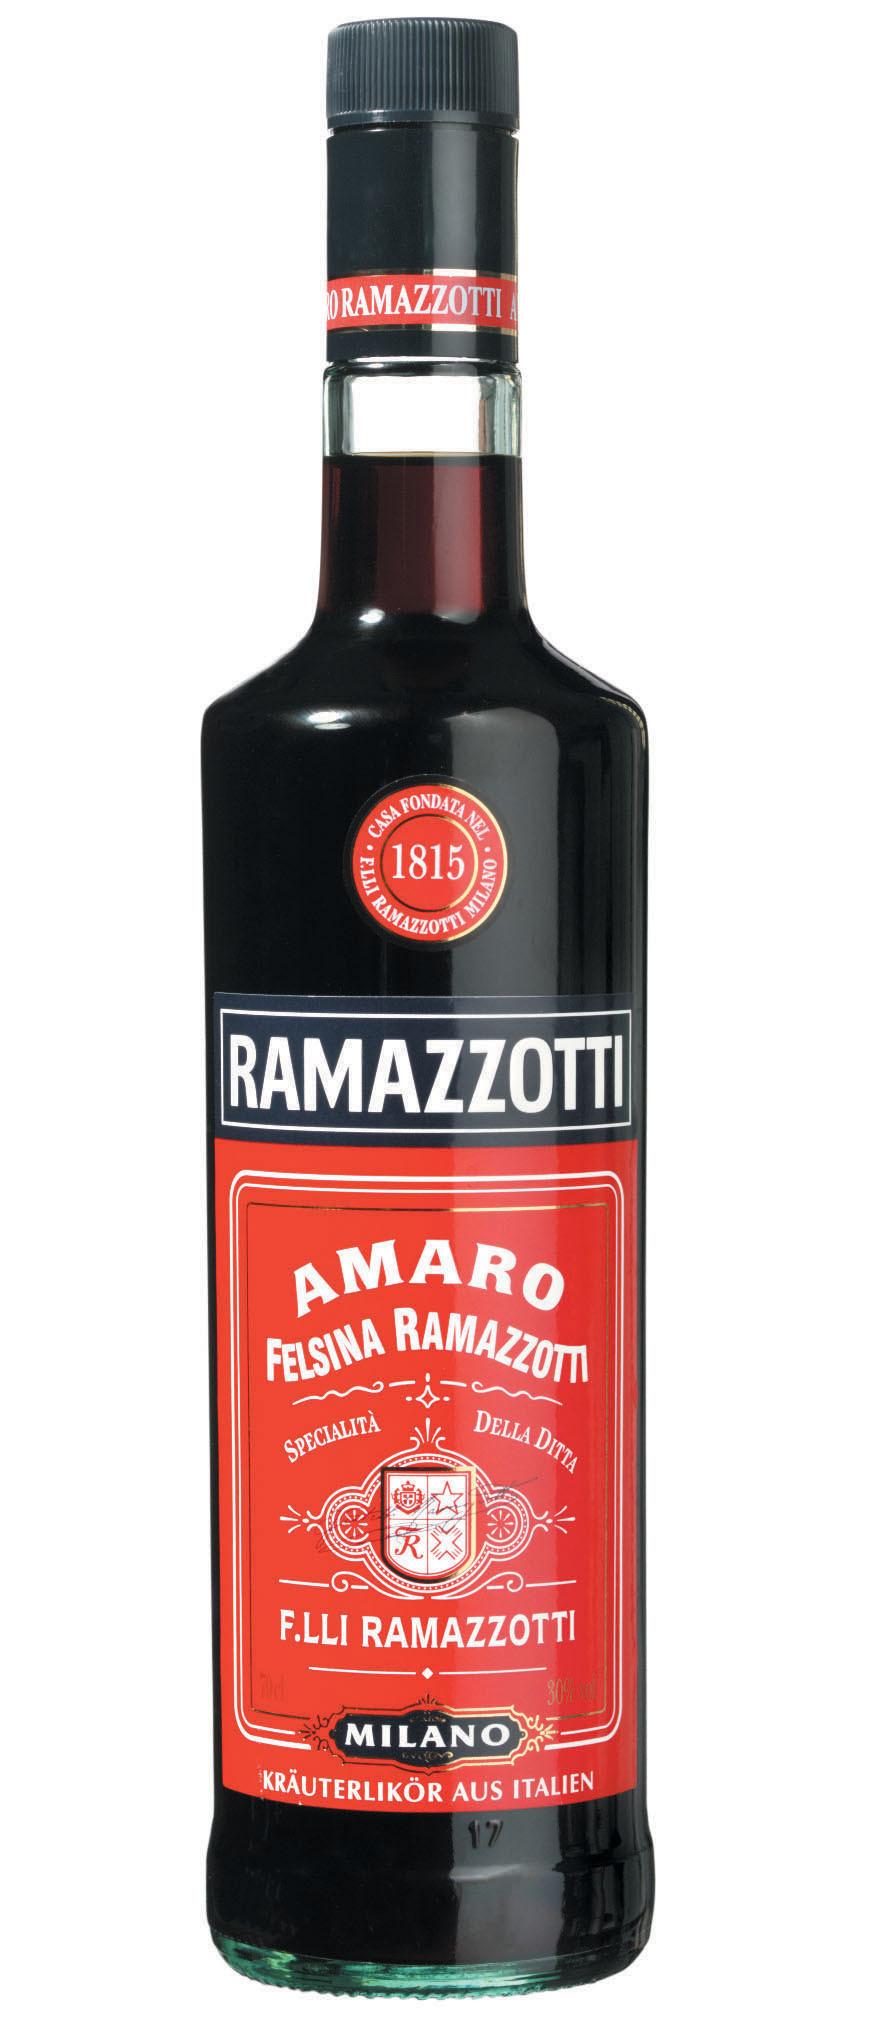 Ramazzotti Amaro Kräuterlikör